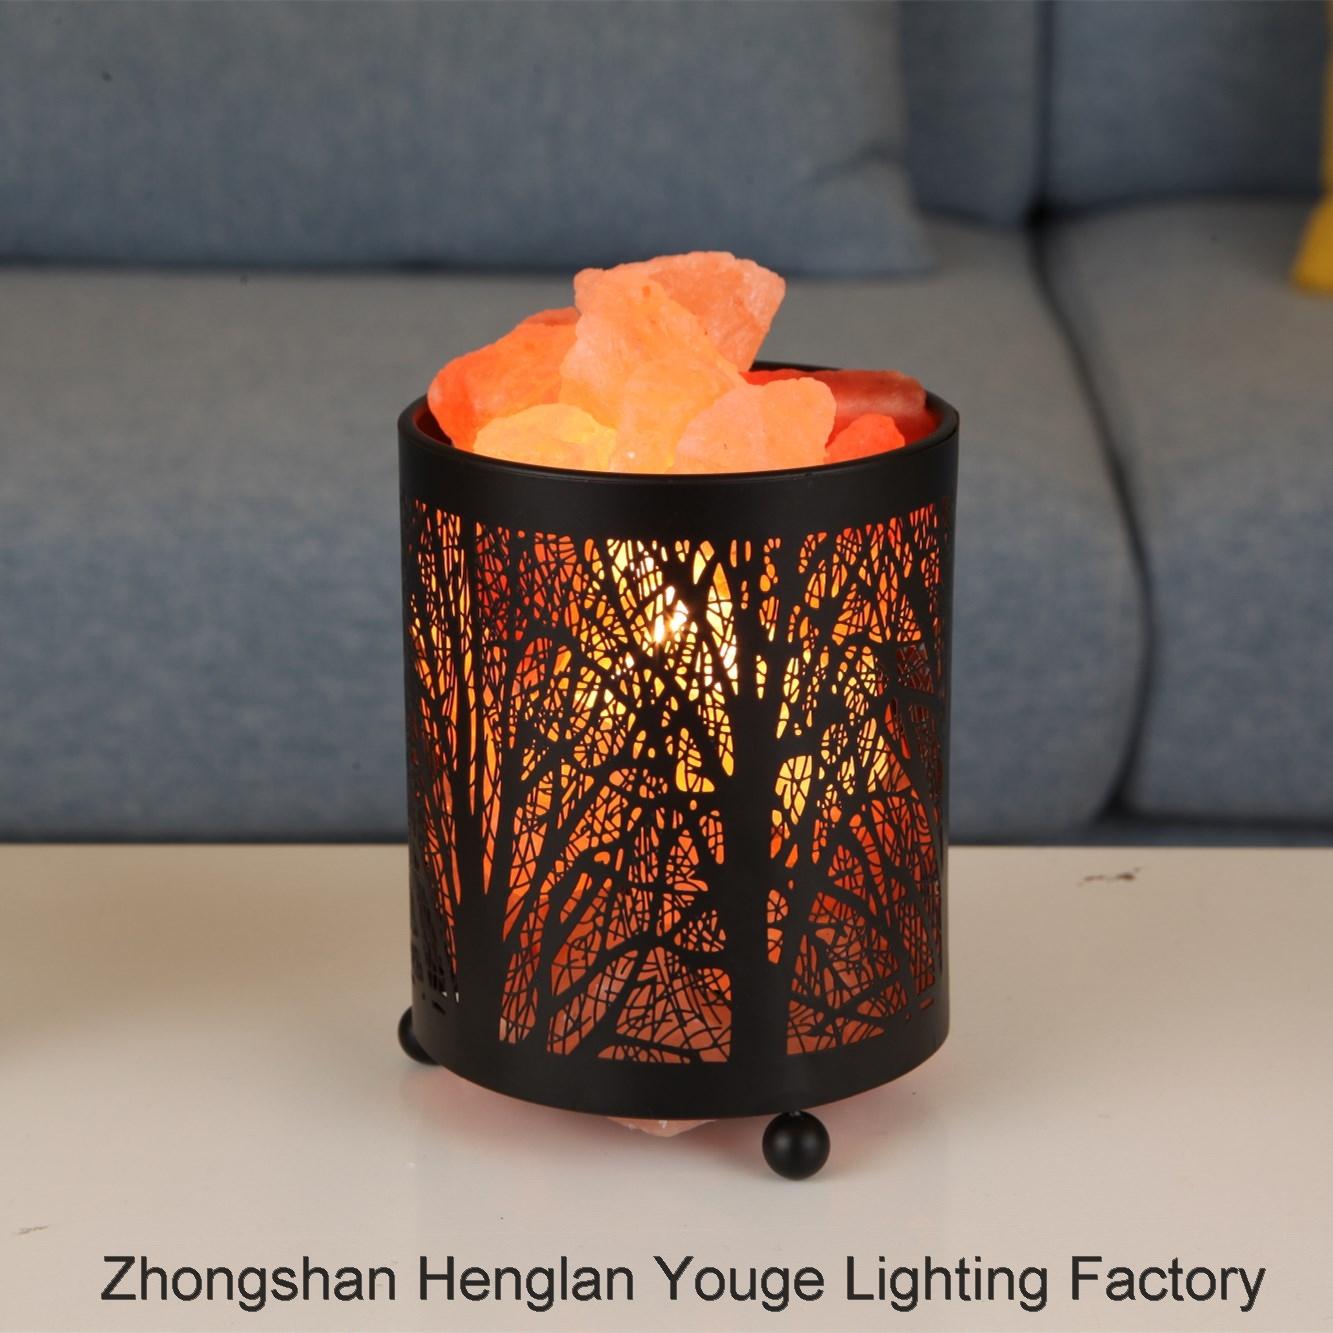 SALT LAMPForest Section Iron Art Table Lamp Health Lamp night light for cross-border e-commerce